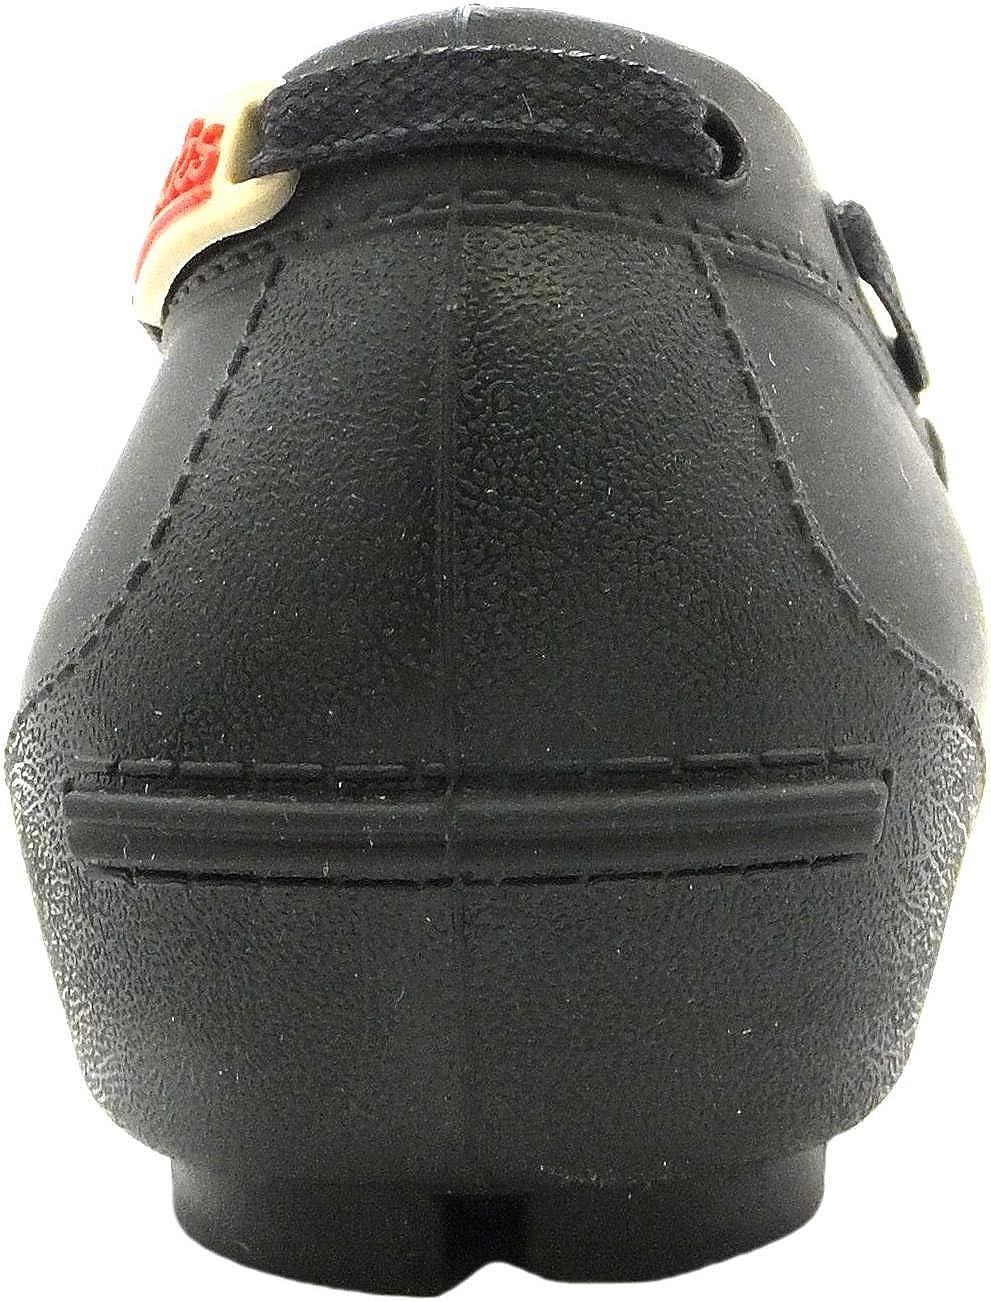 Mocks  Mocklite Driver, Chaussures Chaussures Chaussures bateau pour femme Noir noirB00CJN451GParent 9bf08d